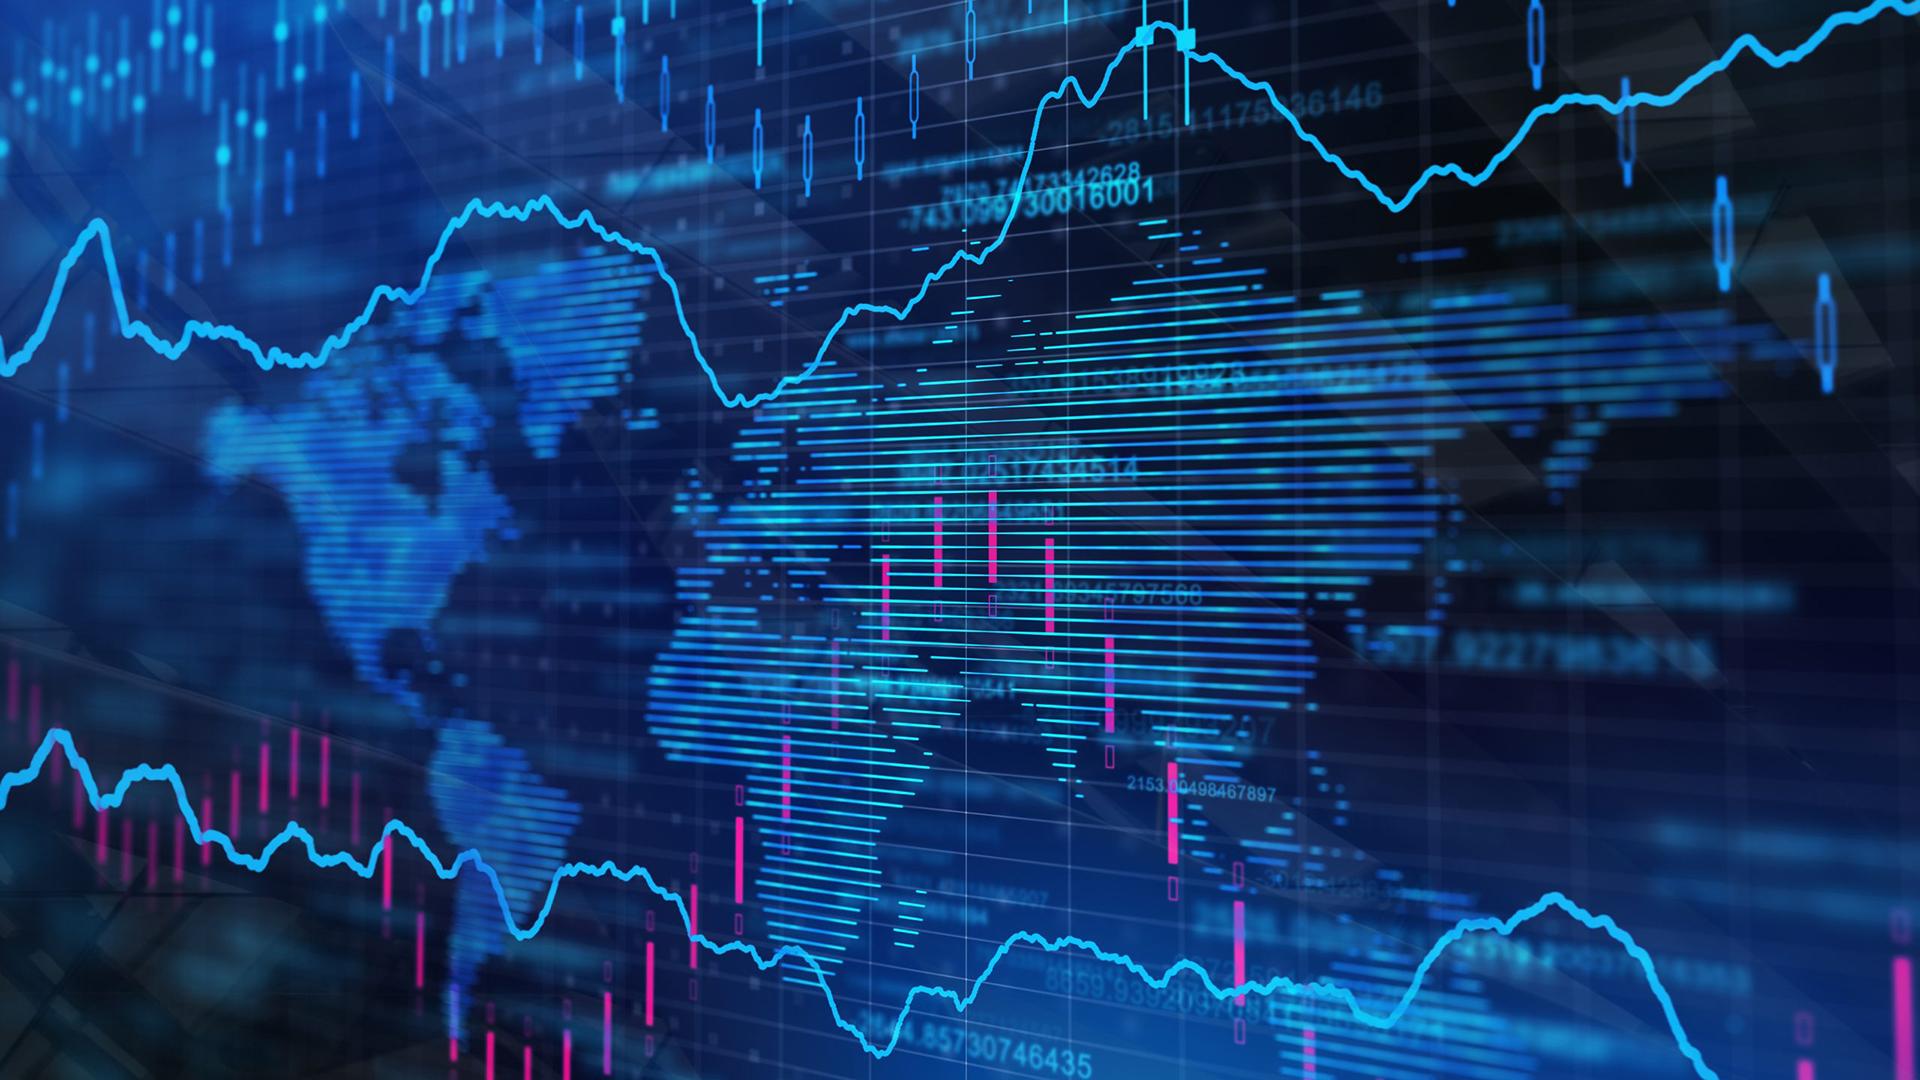 Intrumentos y Mercados Financieros